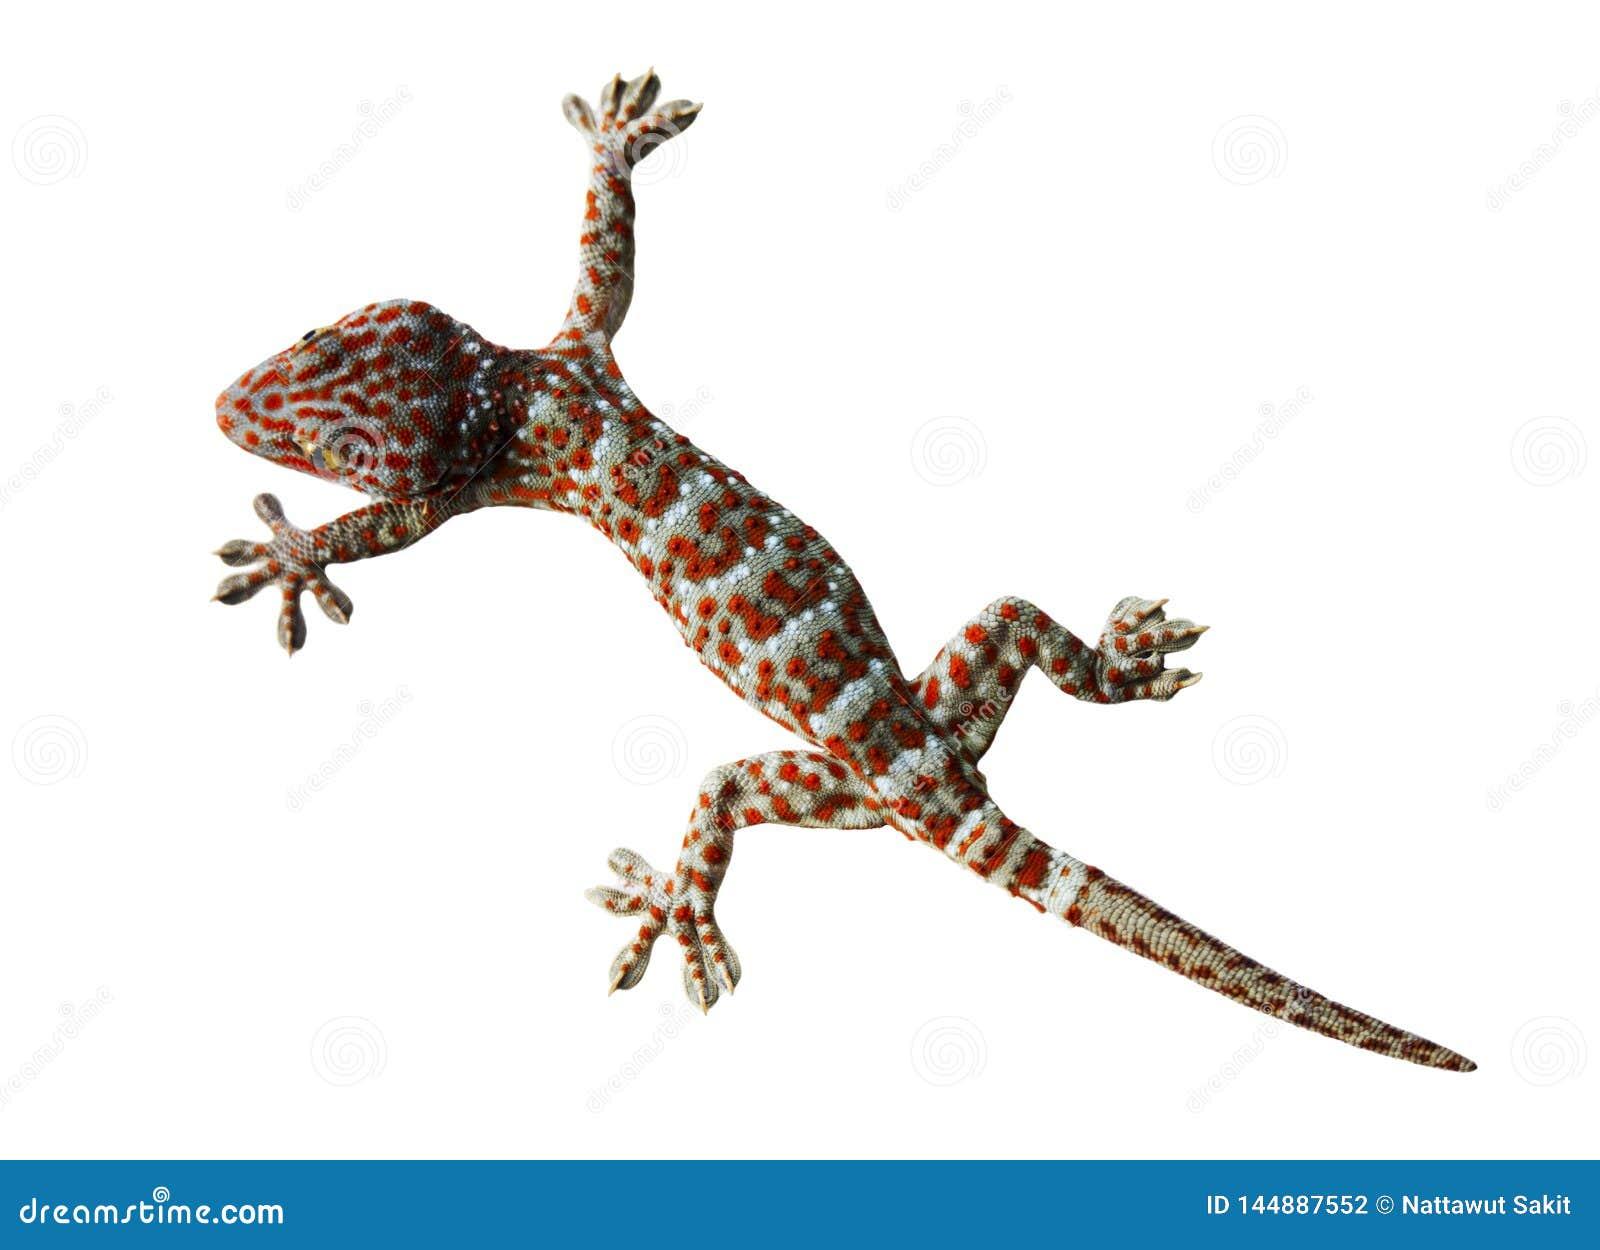 Gecko d isolement sur un fond blanc